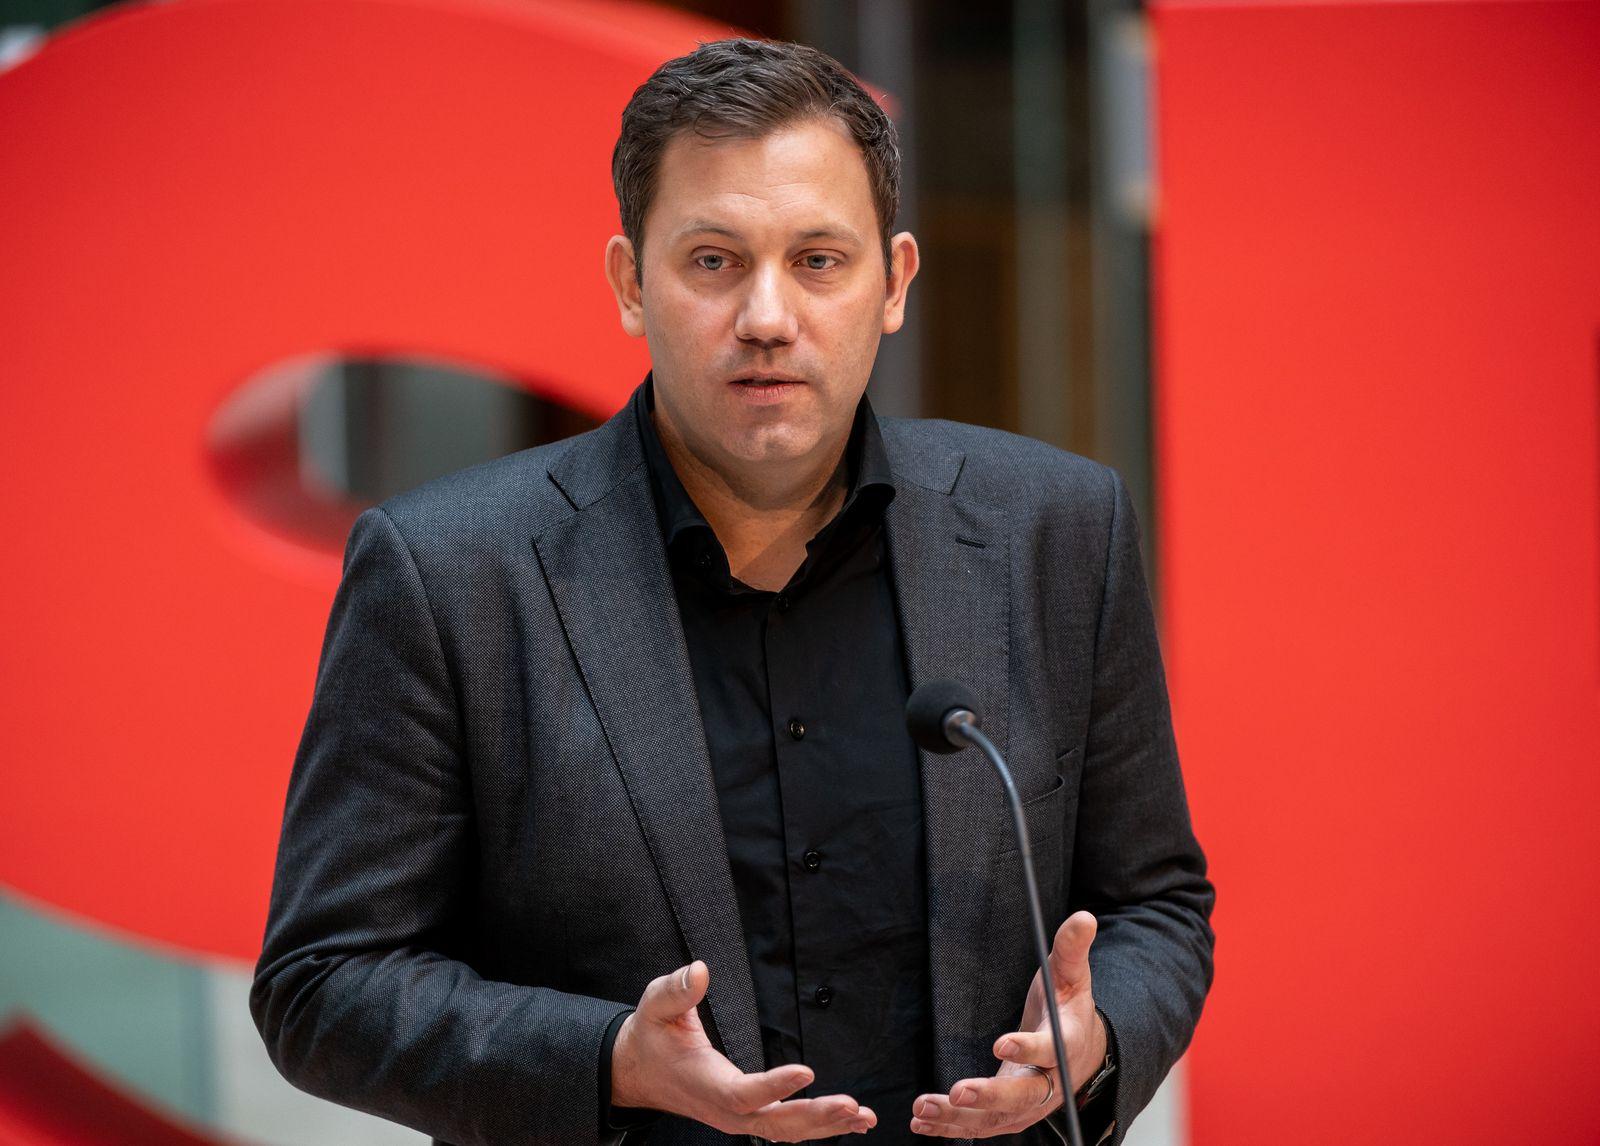 Klingbeil: Verfassungsschutz muss gegen AfD aktiv werden